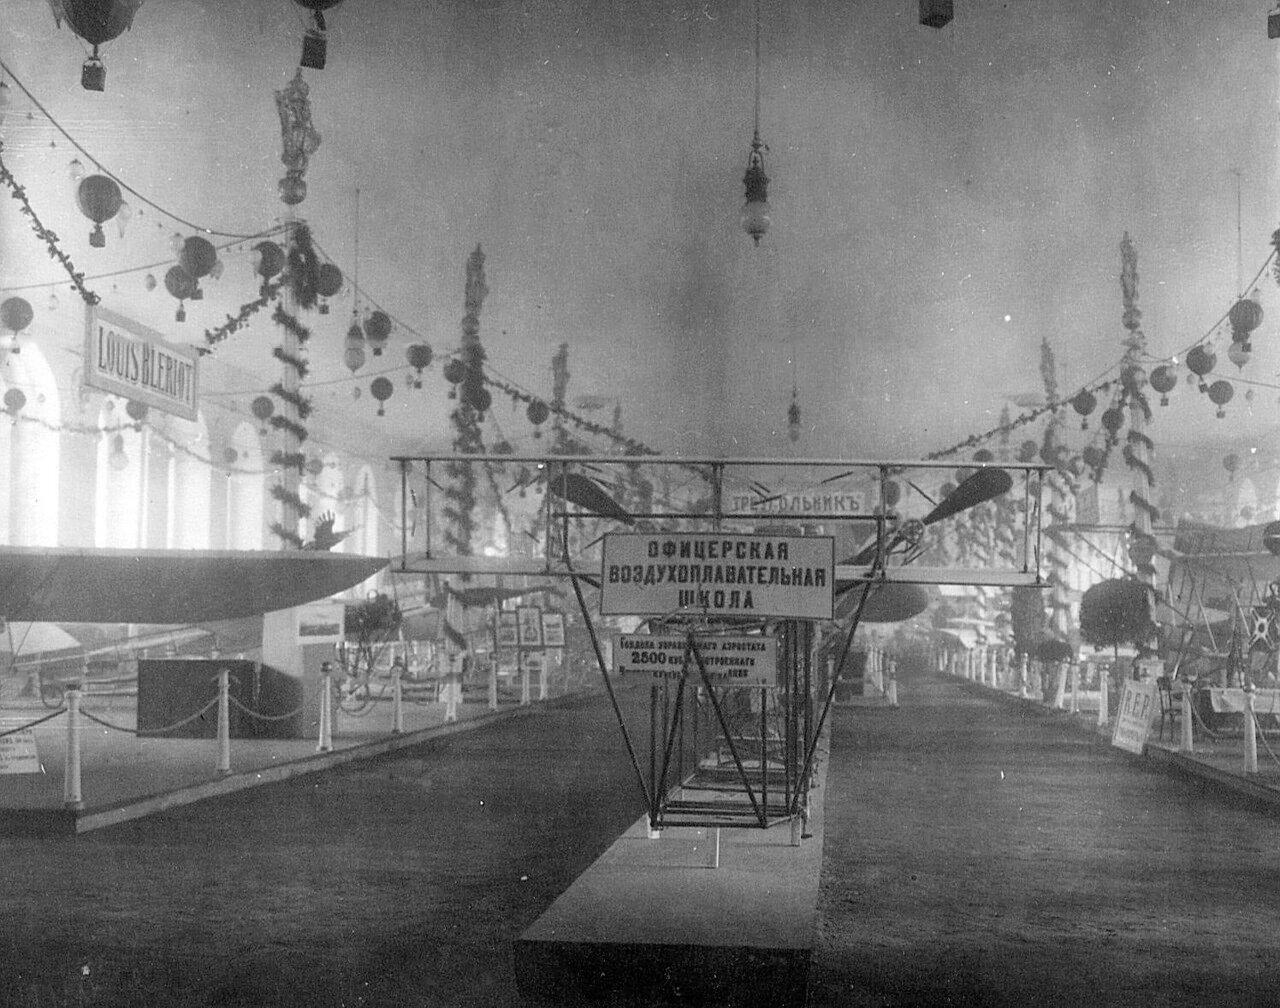 20. Гандола, управляемого аэростата, построенная Ижорским заводом в 1910 году, экспонирована Офицерской воздухоплавательной школой